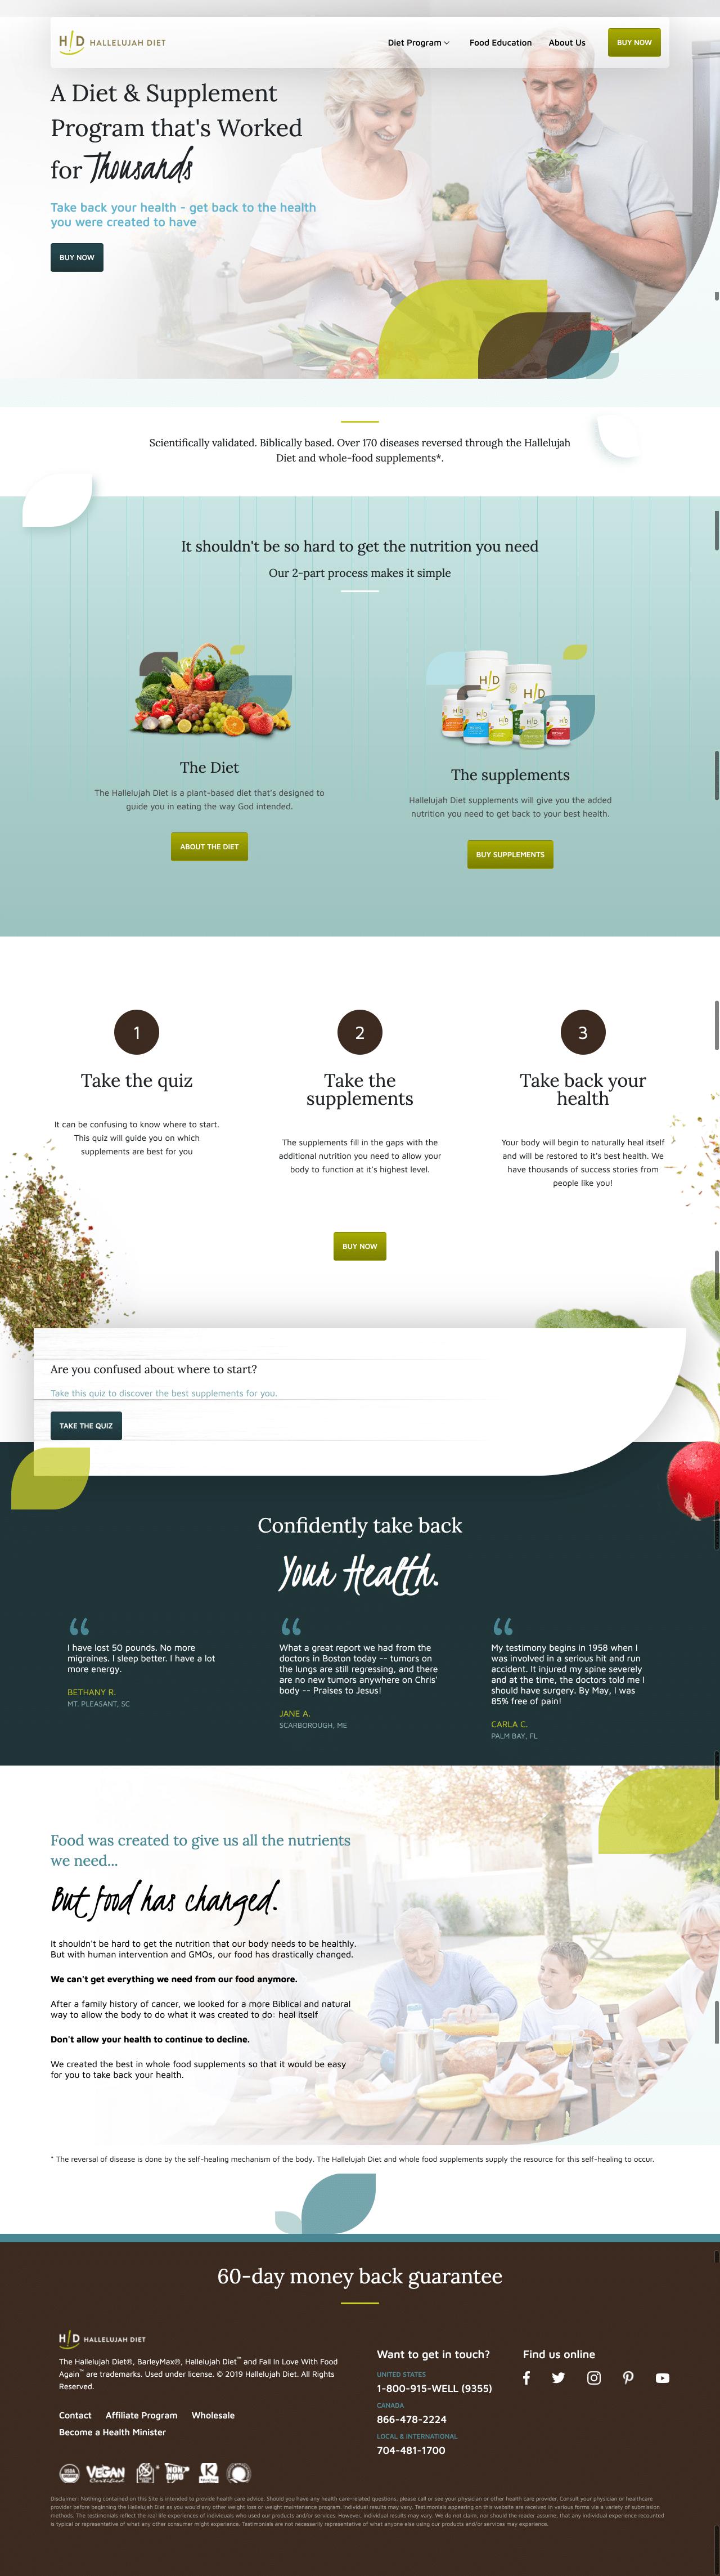 Hallelujah Diet Homepage